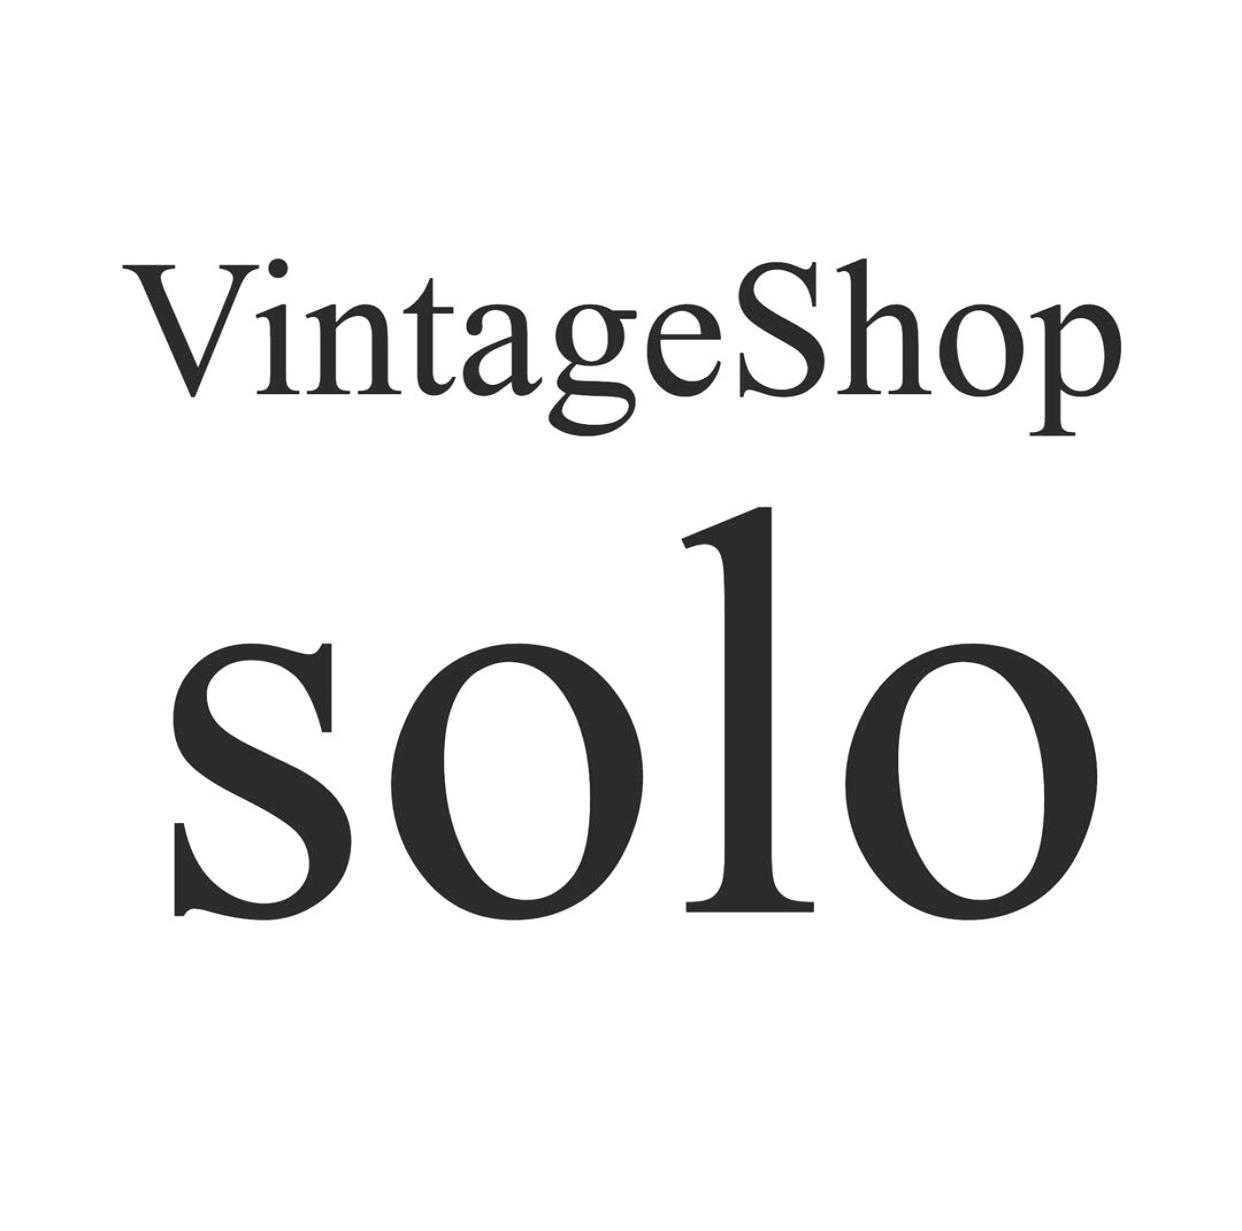 VintageShop solo